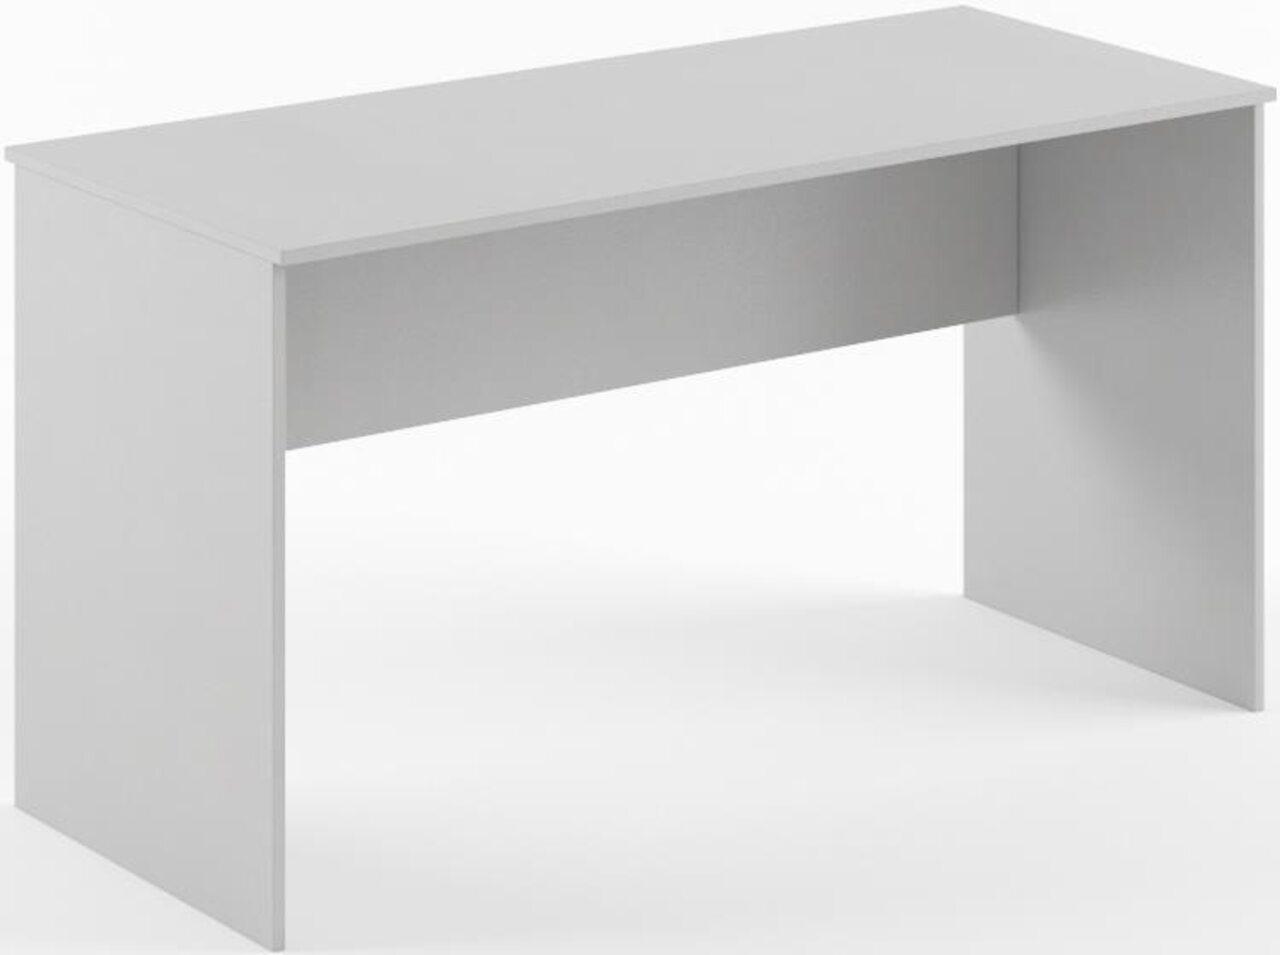 Стол письменный  Simple 140x60x76 - фото 5